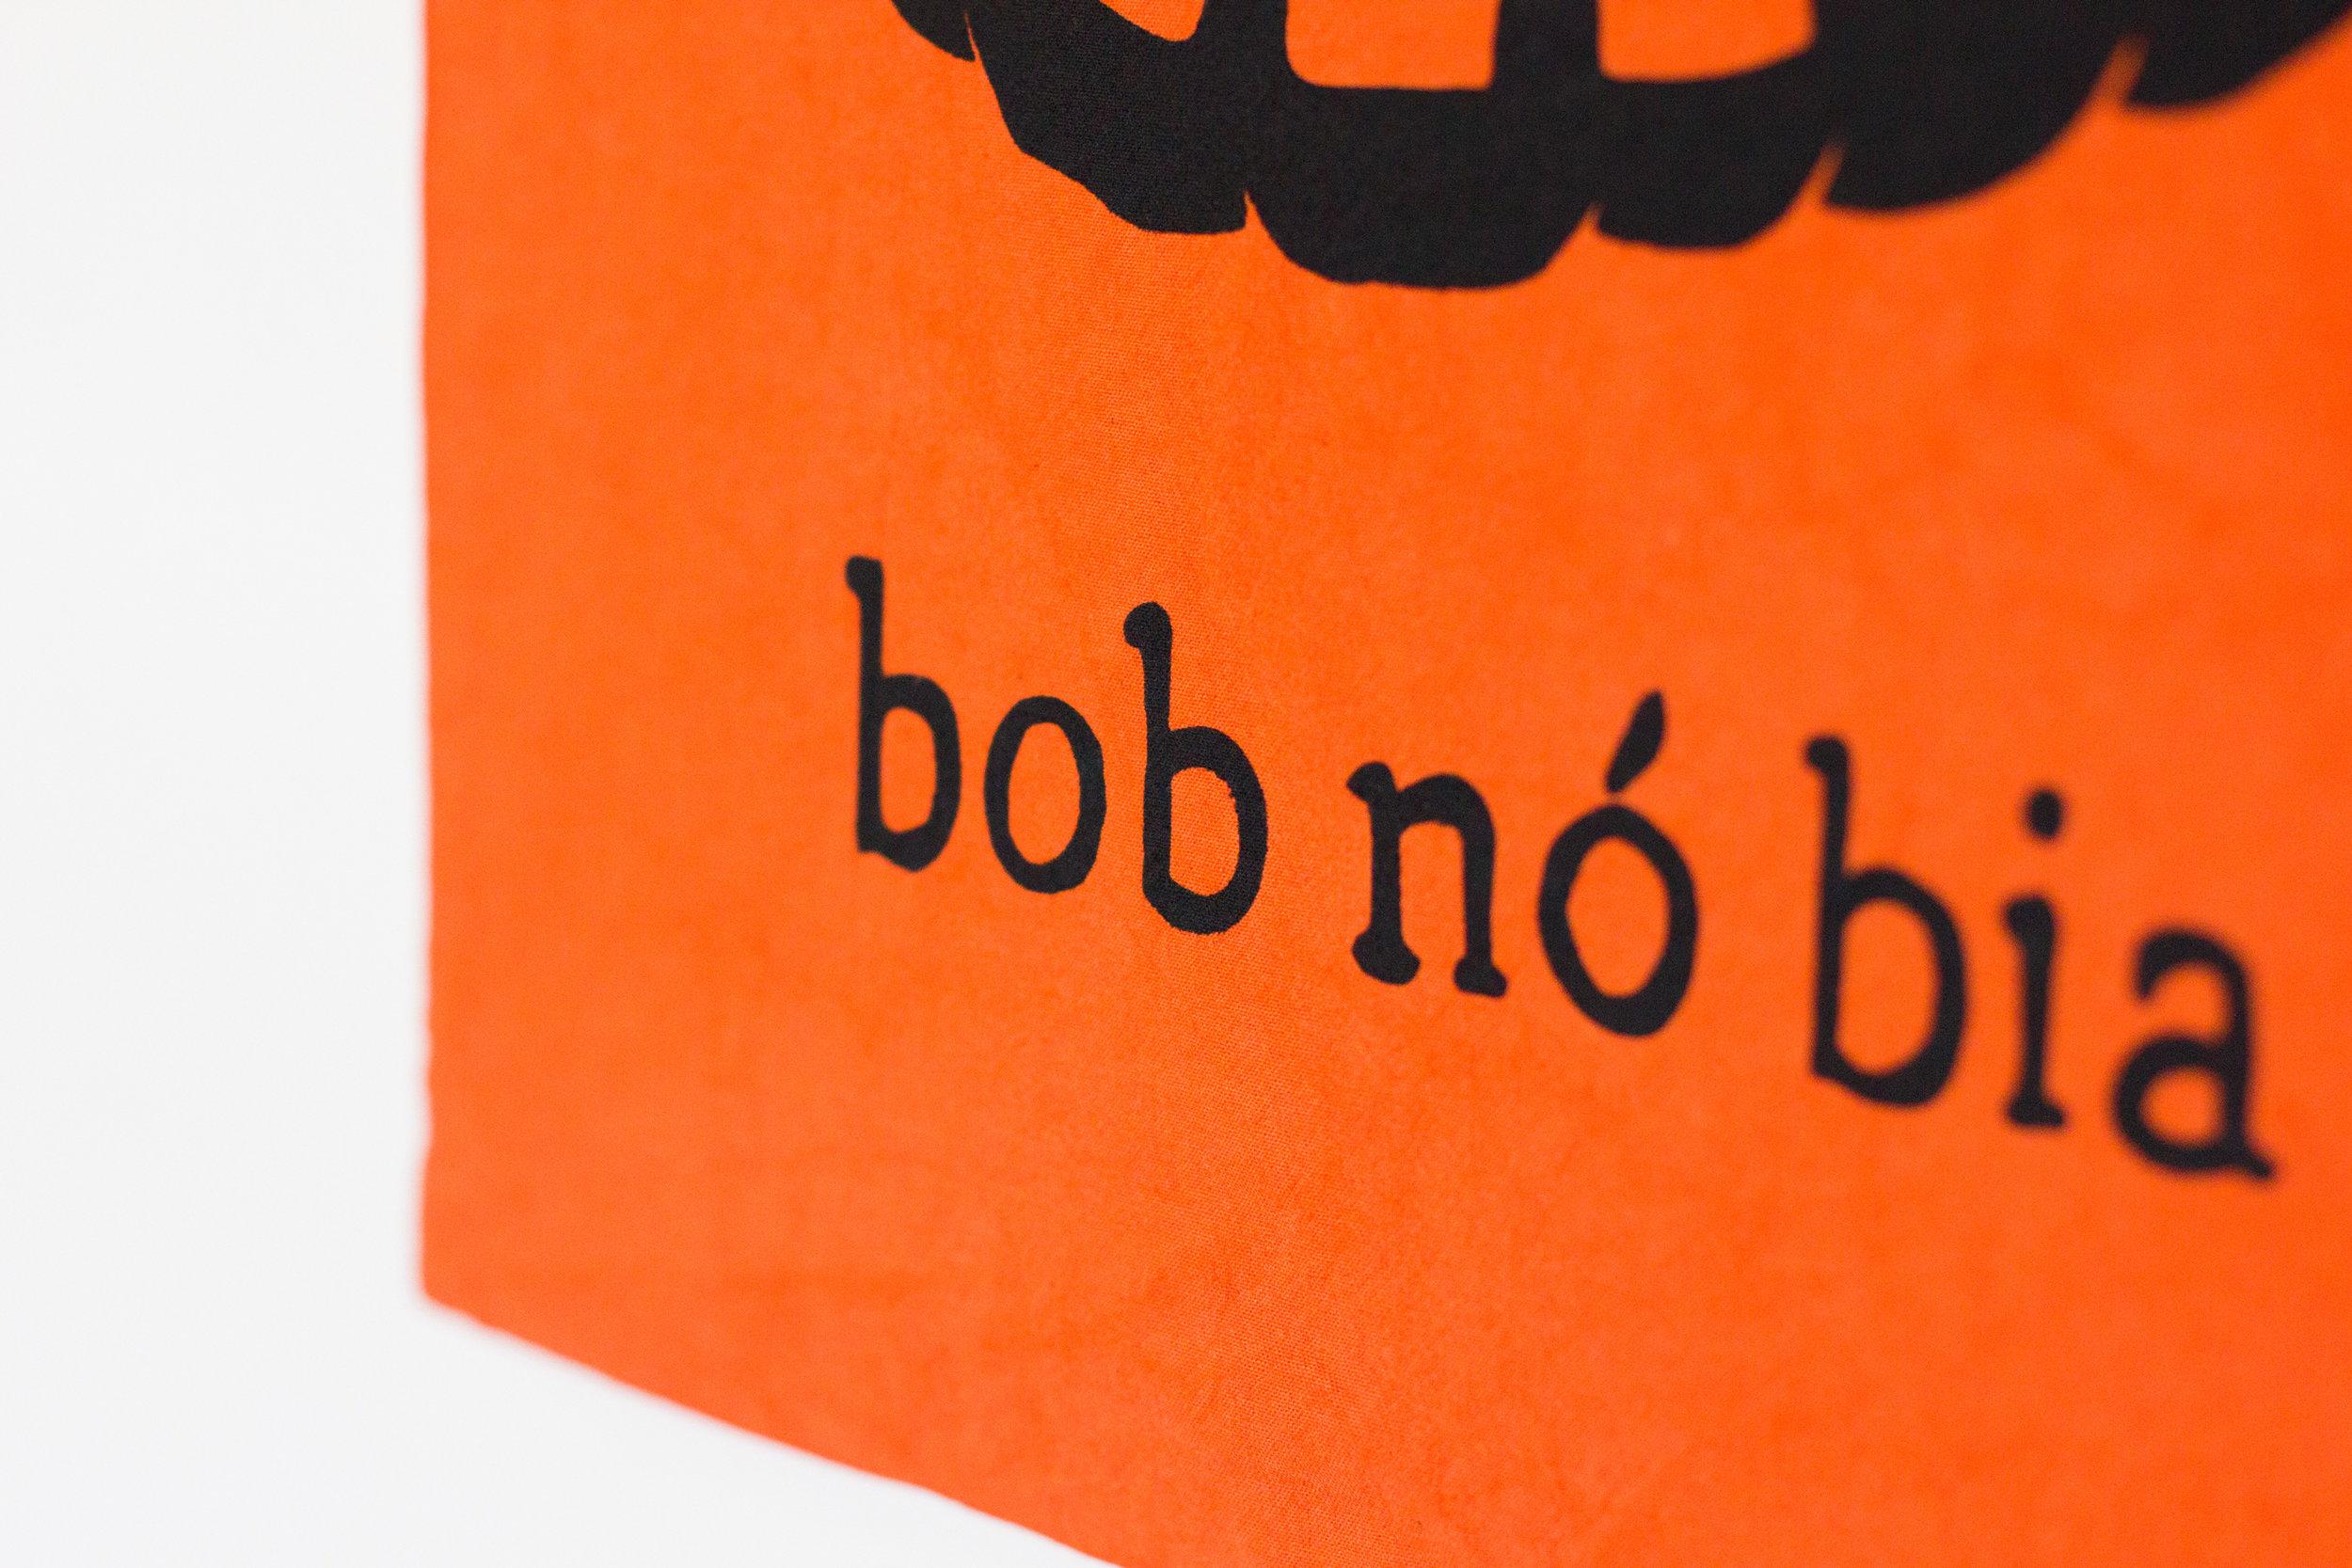 38x36cm-Bob-no-Bia-Tote-C.jpg